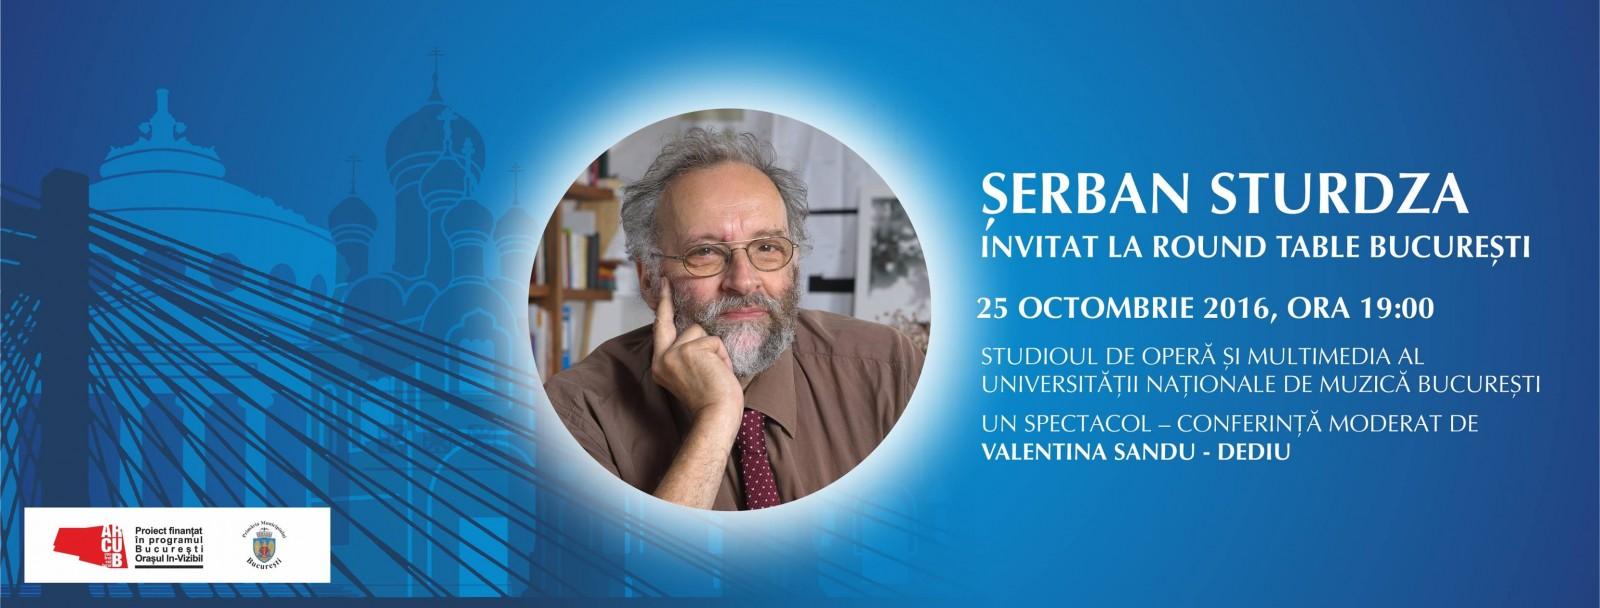 serban-sturza-rtb